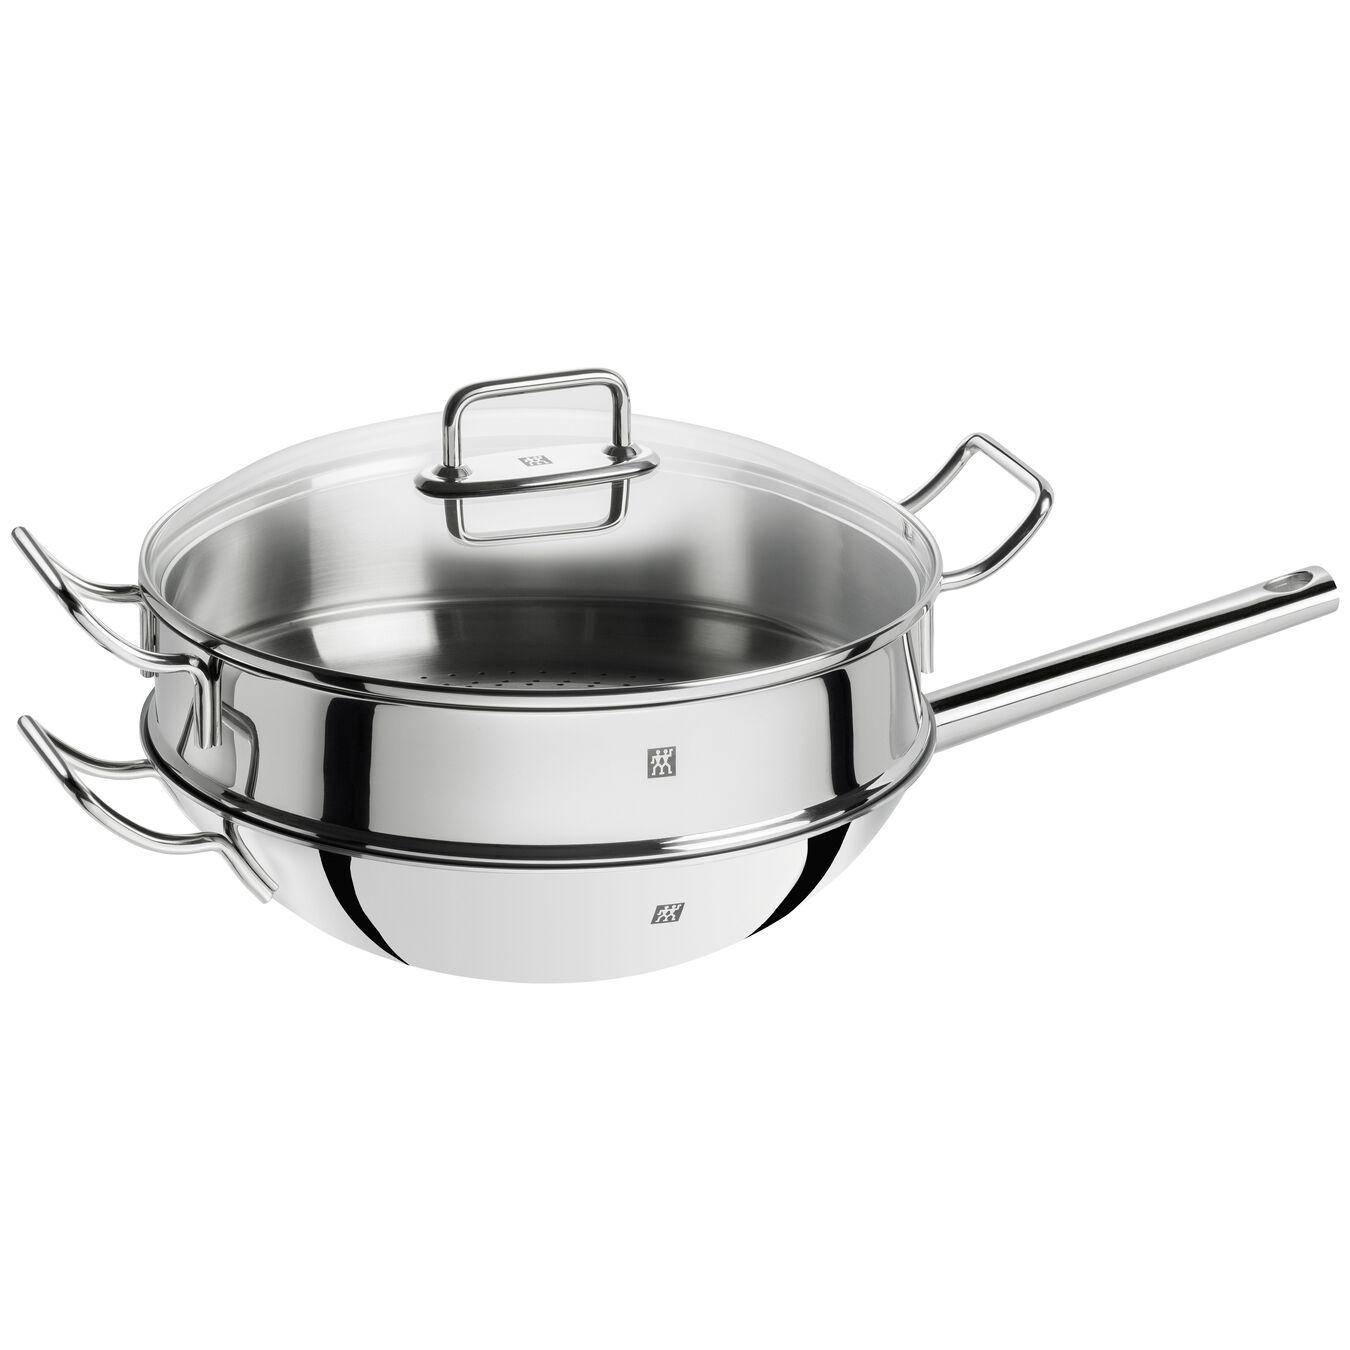 Passoire pour cuit vapeur 32 cm,,large 2